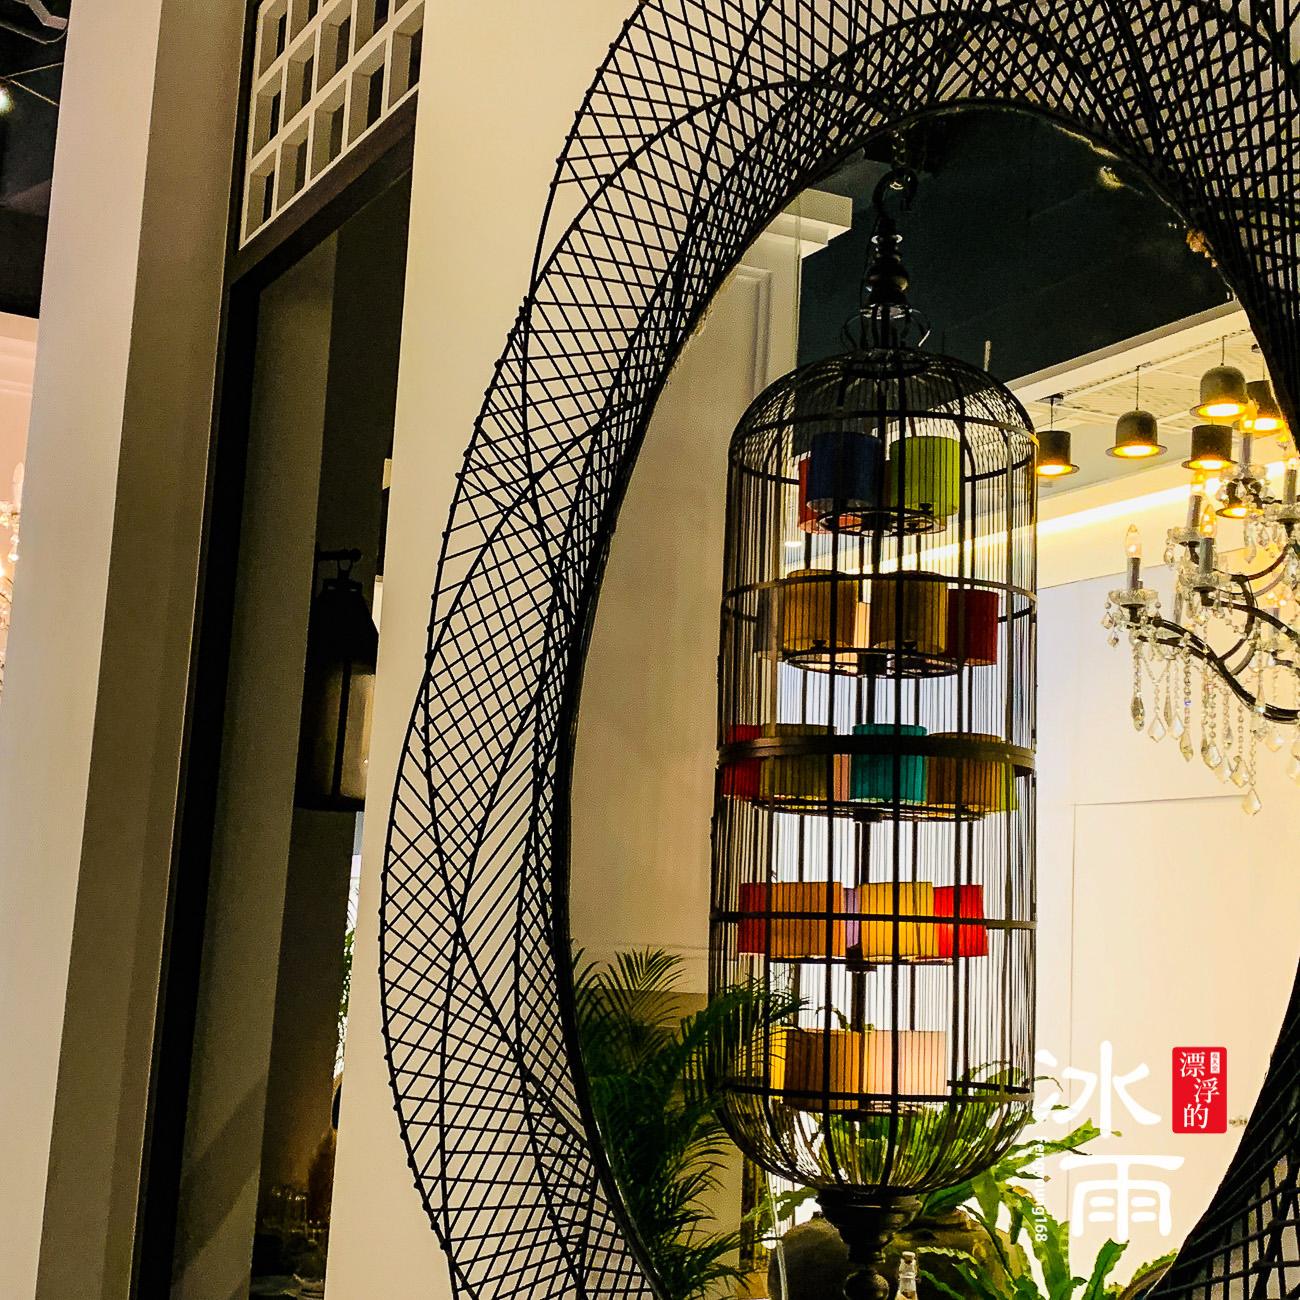 牆壁上的掛飾可以反射店內的其他景點,形成另外的一個畫面很有趣